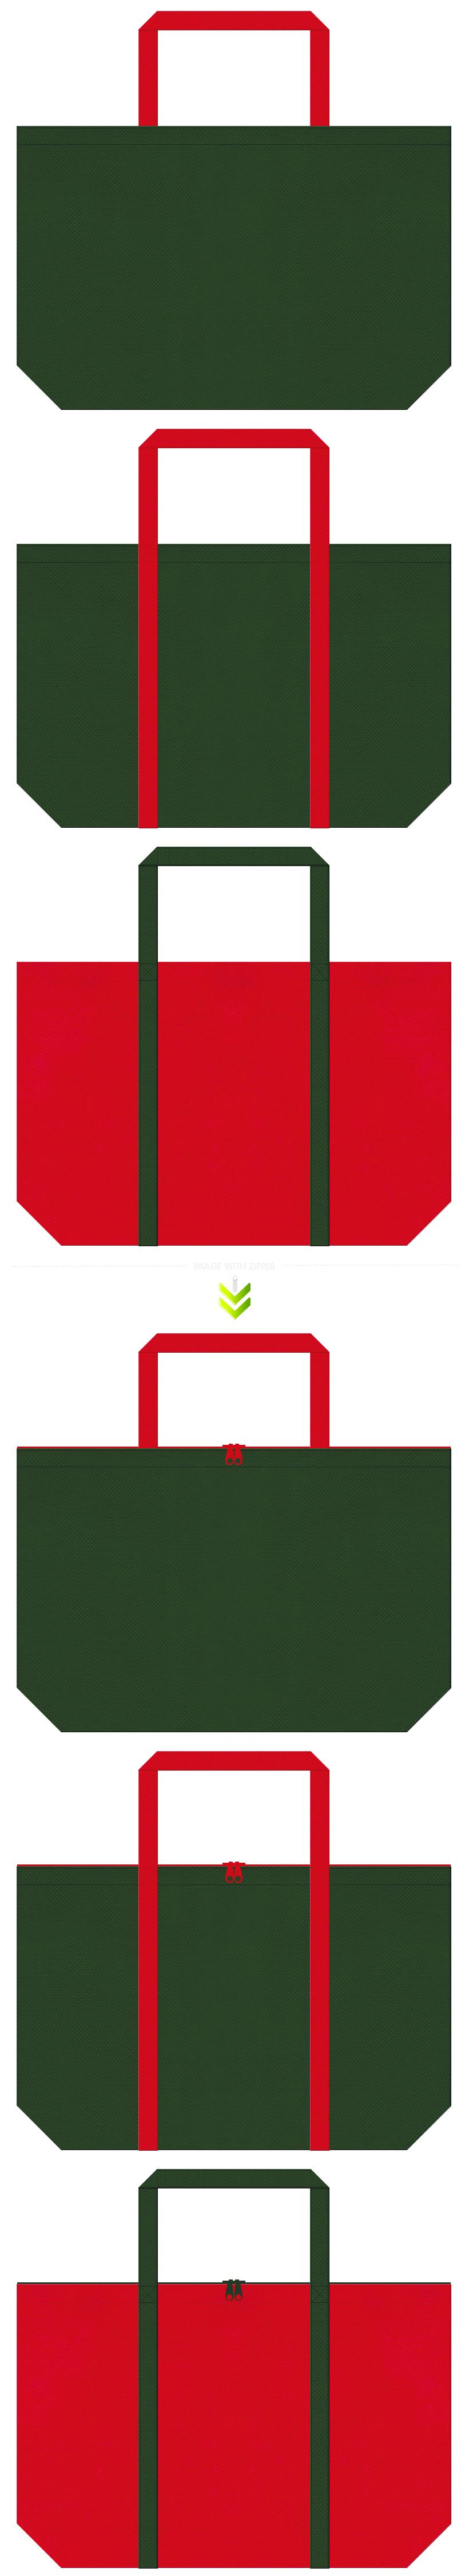 不織布トートバッグ 舟底タイプ 不織布カラーNo.27ダークグリーンとNo.35ワインレッドの組み合わせ クリスマス向け不織布バッグにお奨め